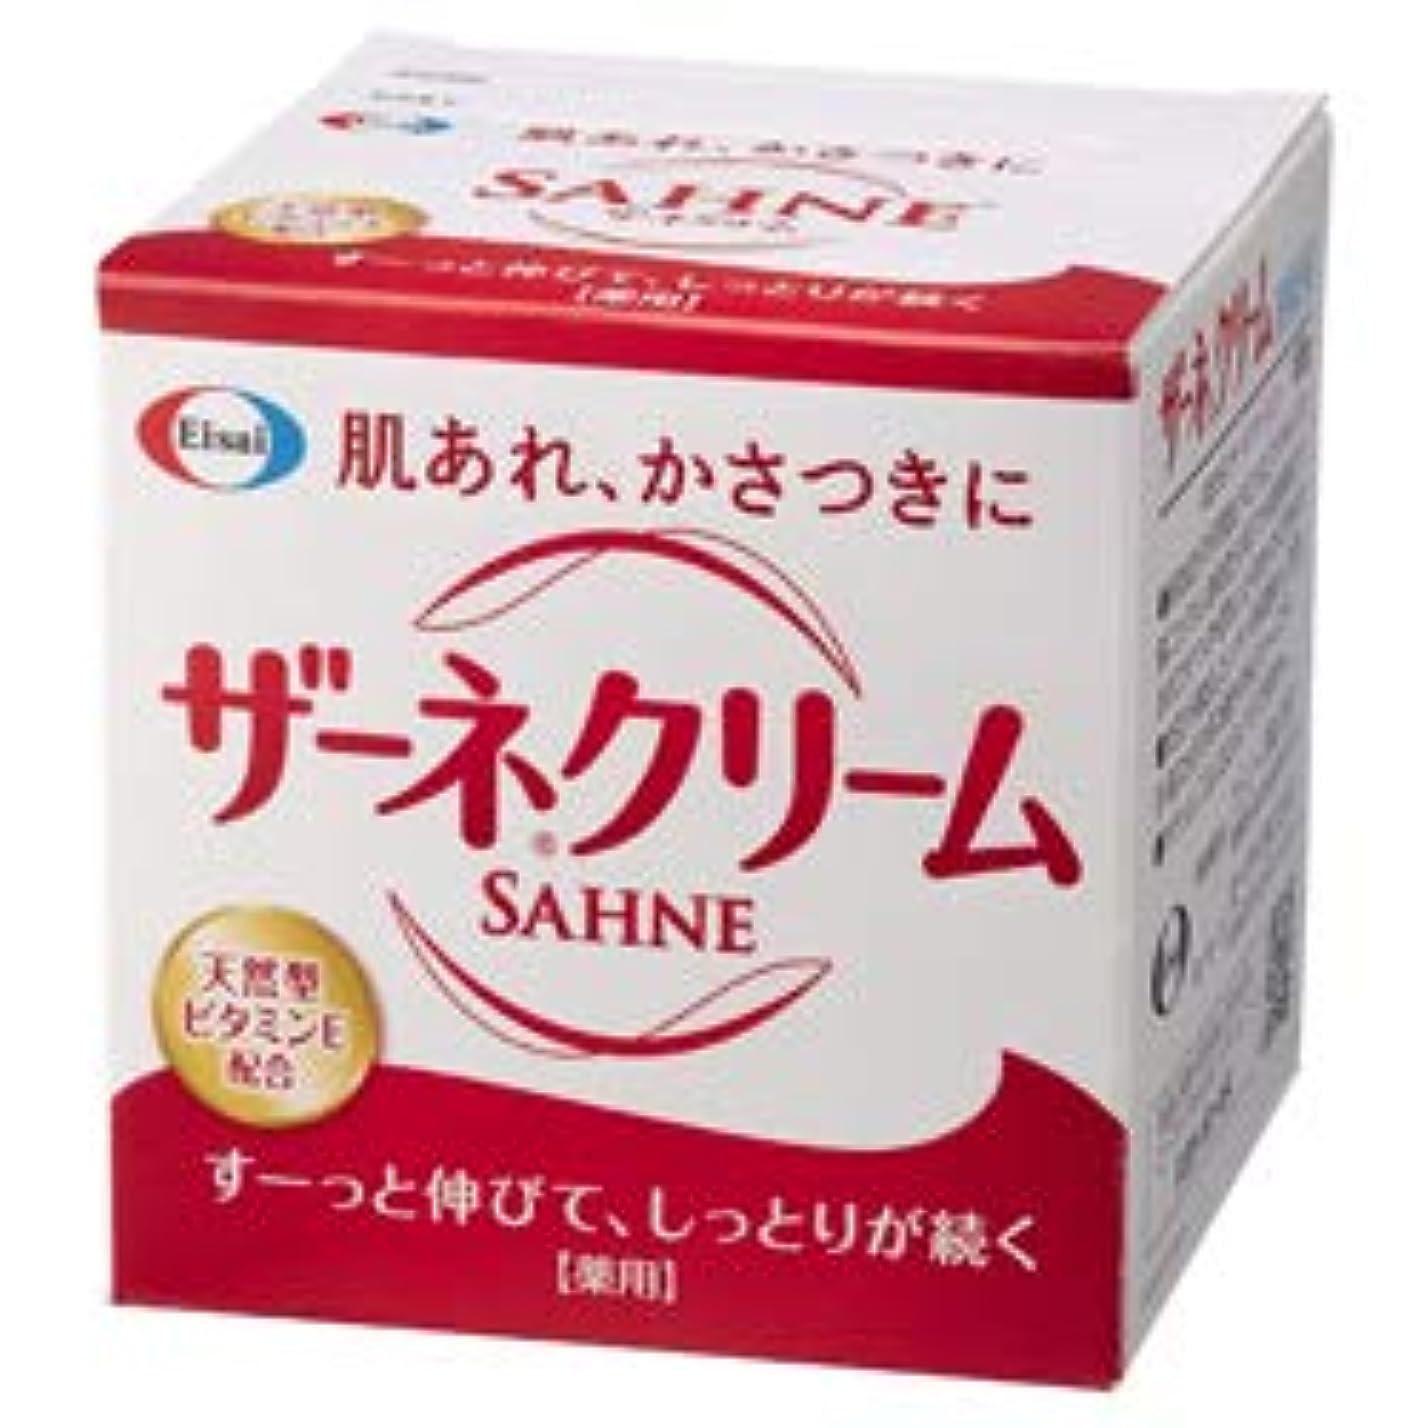 折若さ長くする【エーザイ】ザーネクリーム 100g(医薬部外品) ×4個セット